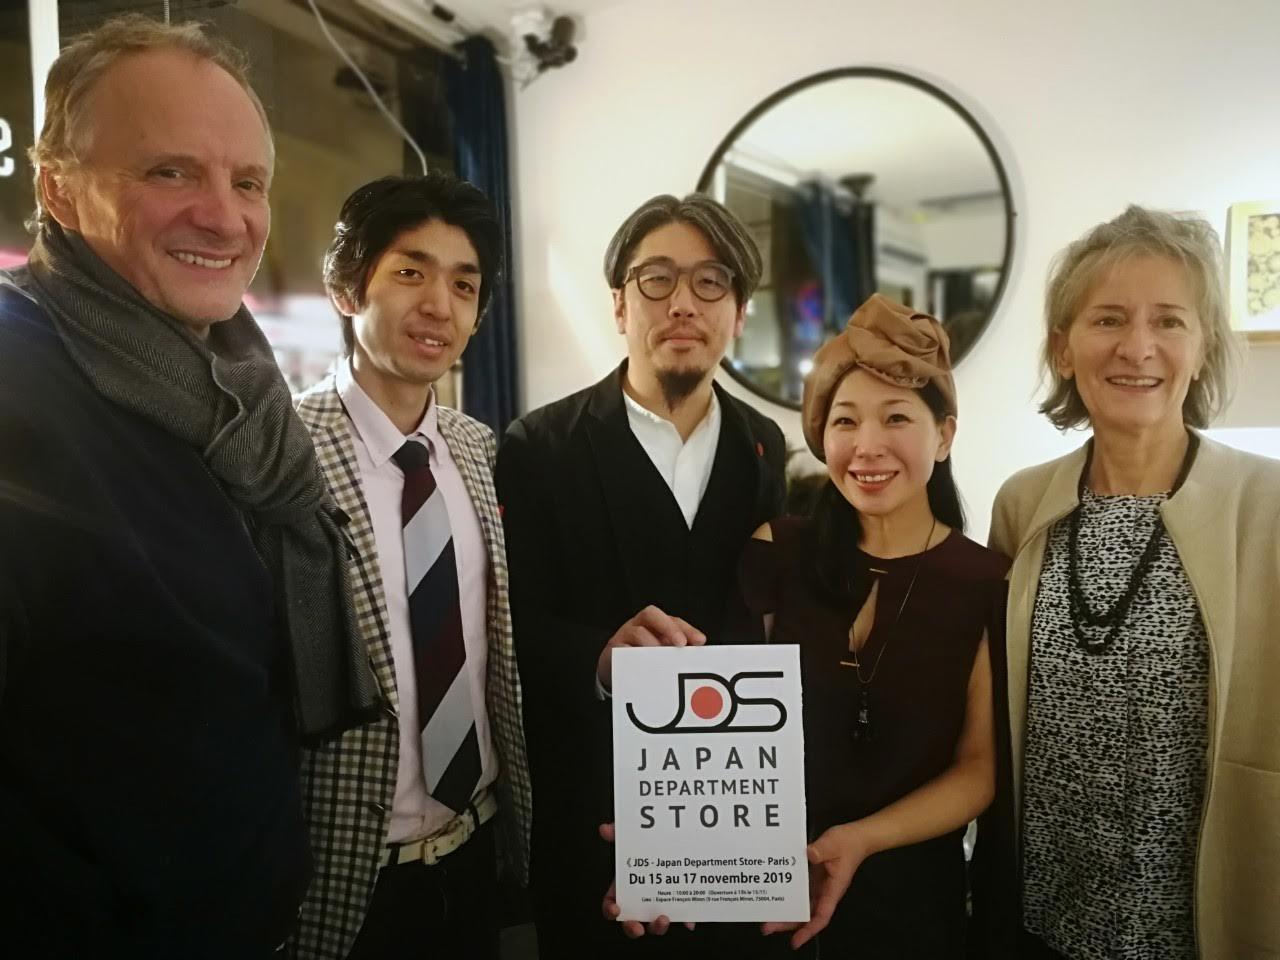 JDS_ジャパン・デパートメント・ストア